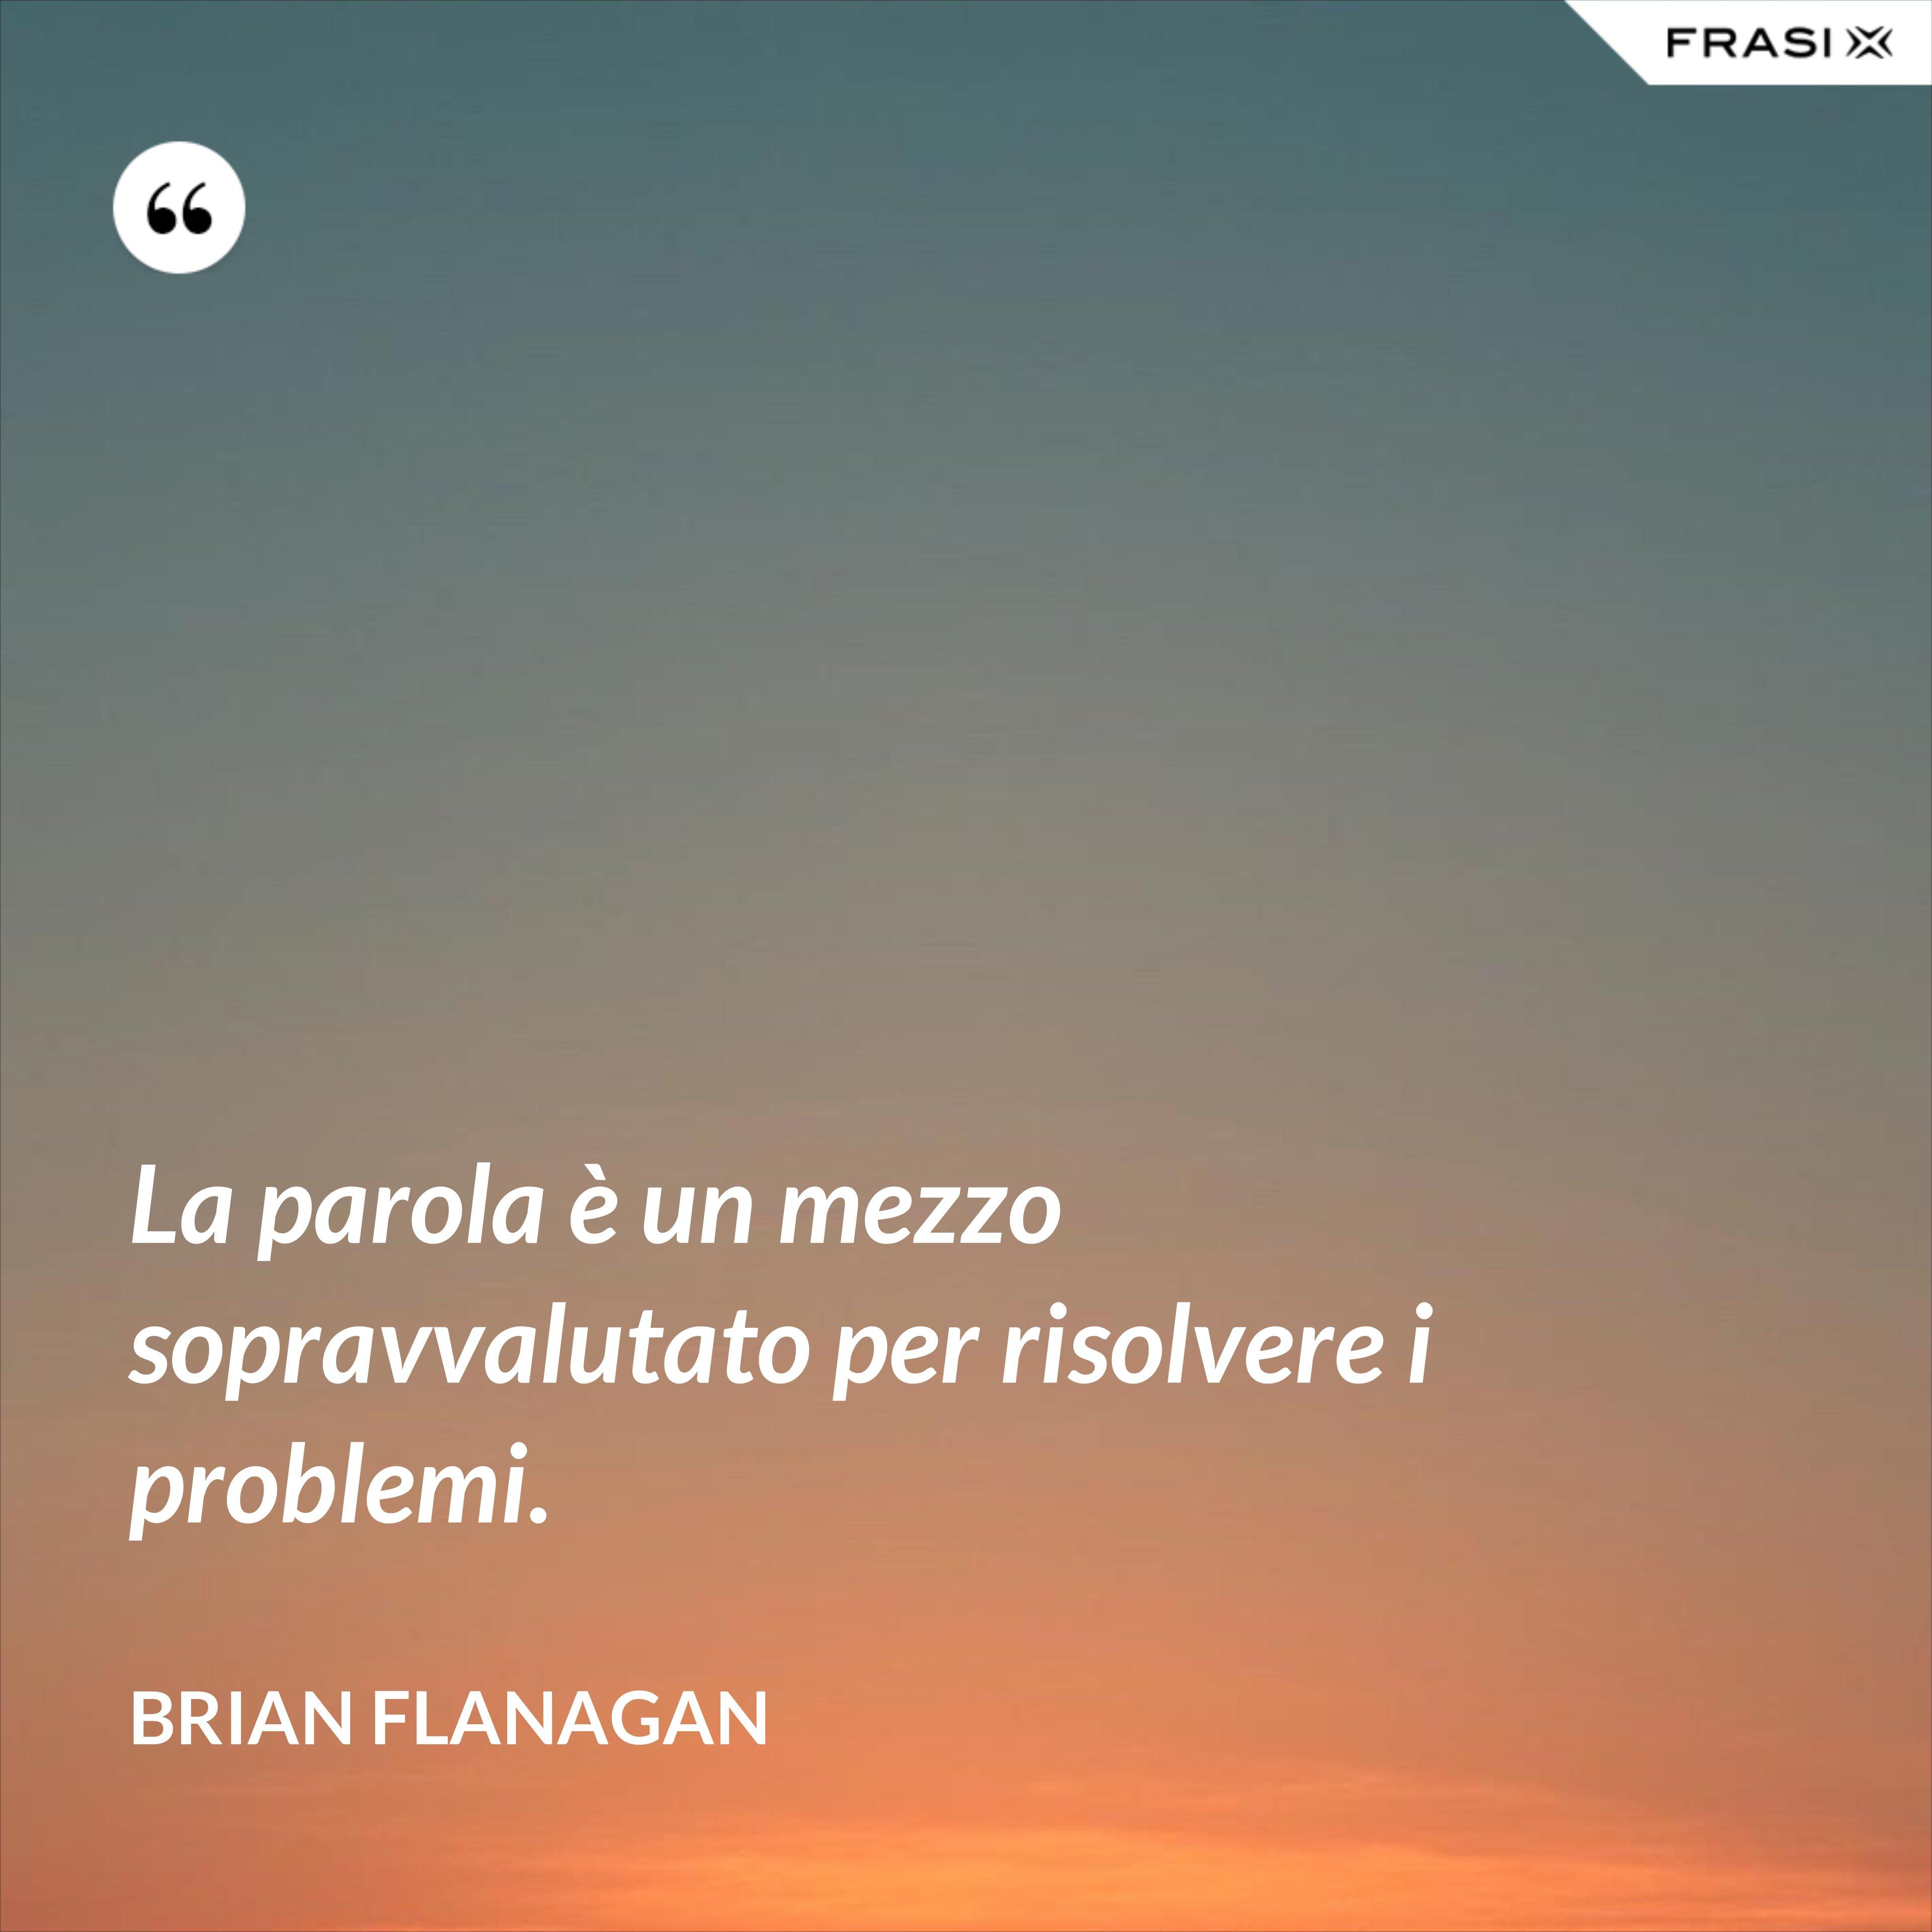 La parola è un mezzo sopravvalutato per risolvere i problemi. - Brian Flanagan